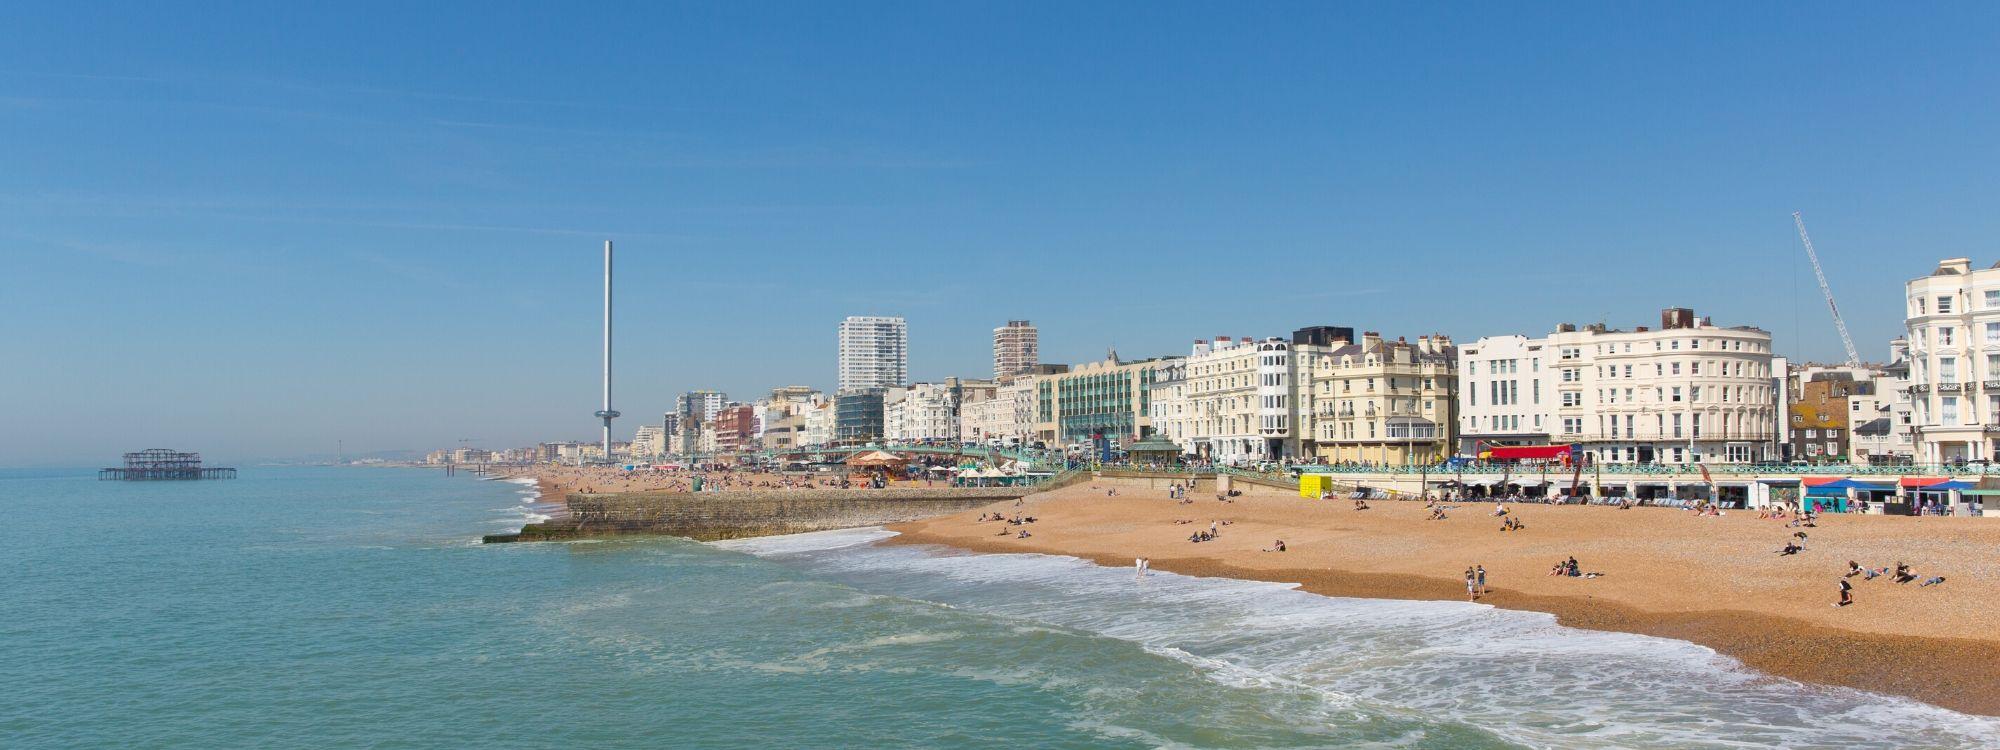 Brighton and Hove - a pesticide-free case study